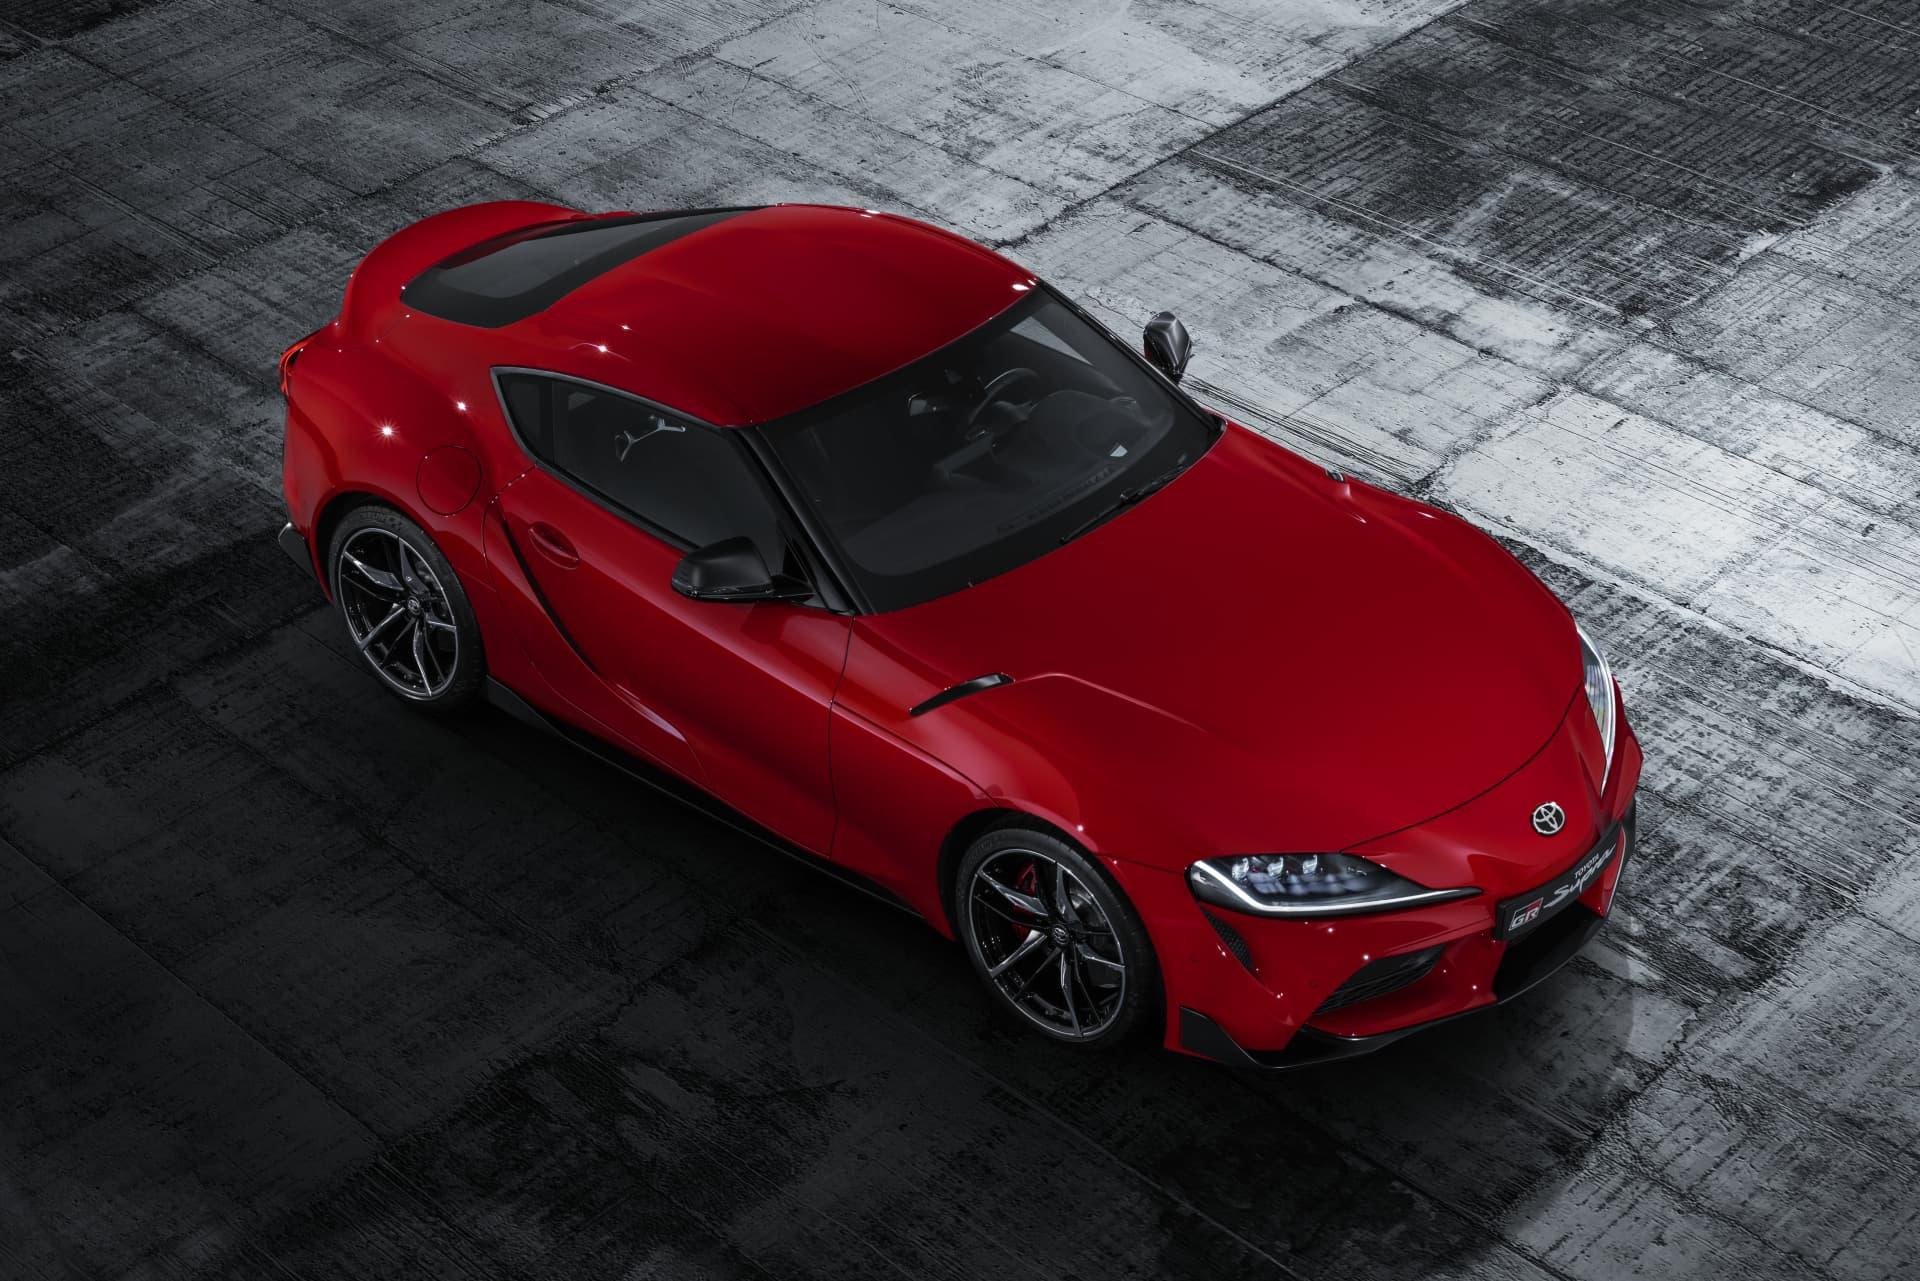 Todos Los Detalles Rojo Exterior Toyota Supra Red Studio 007 367305